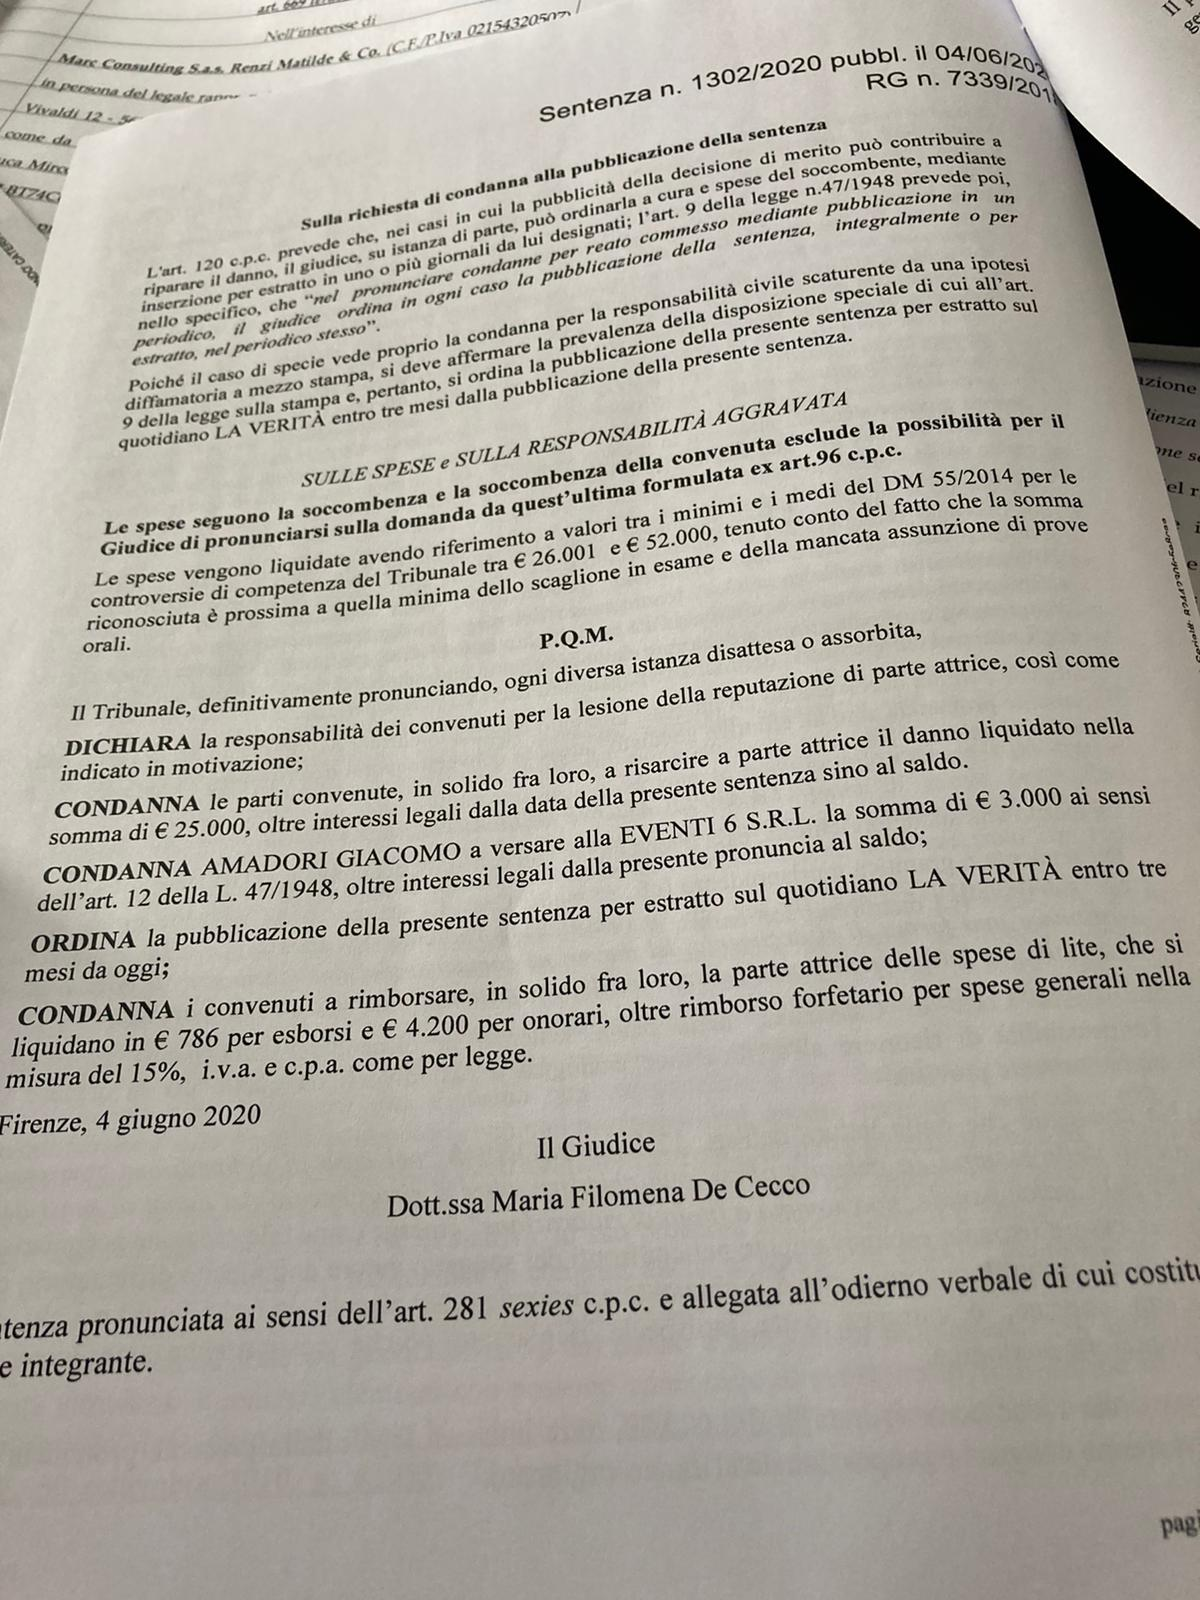 La Verità e Amadori condannati per diffamazione di Tiziano R